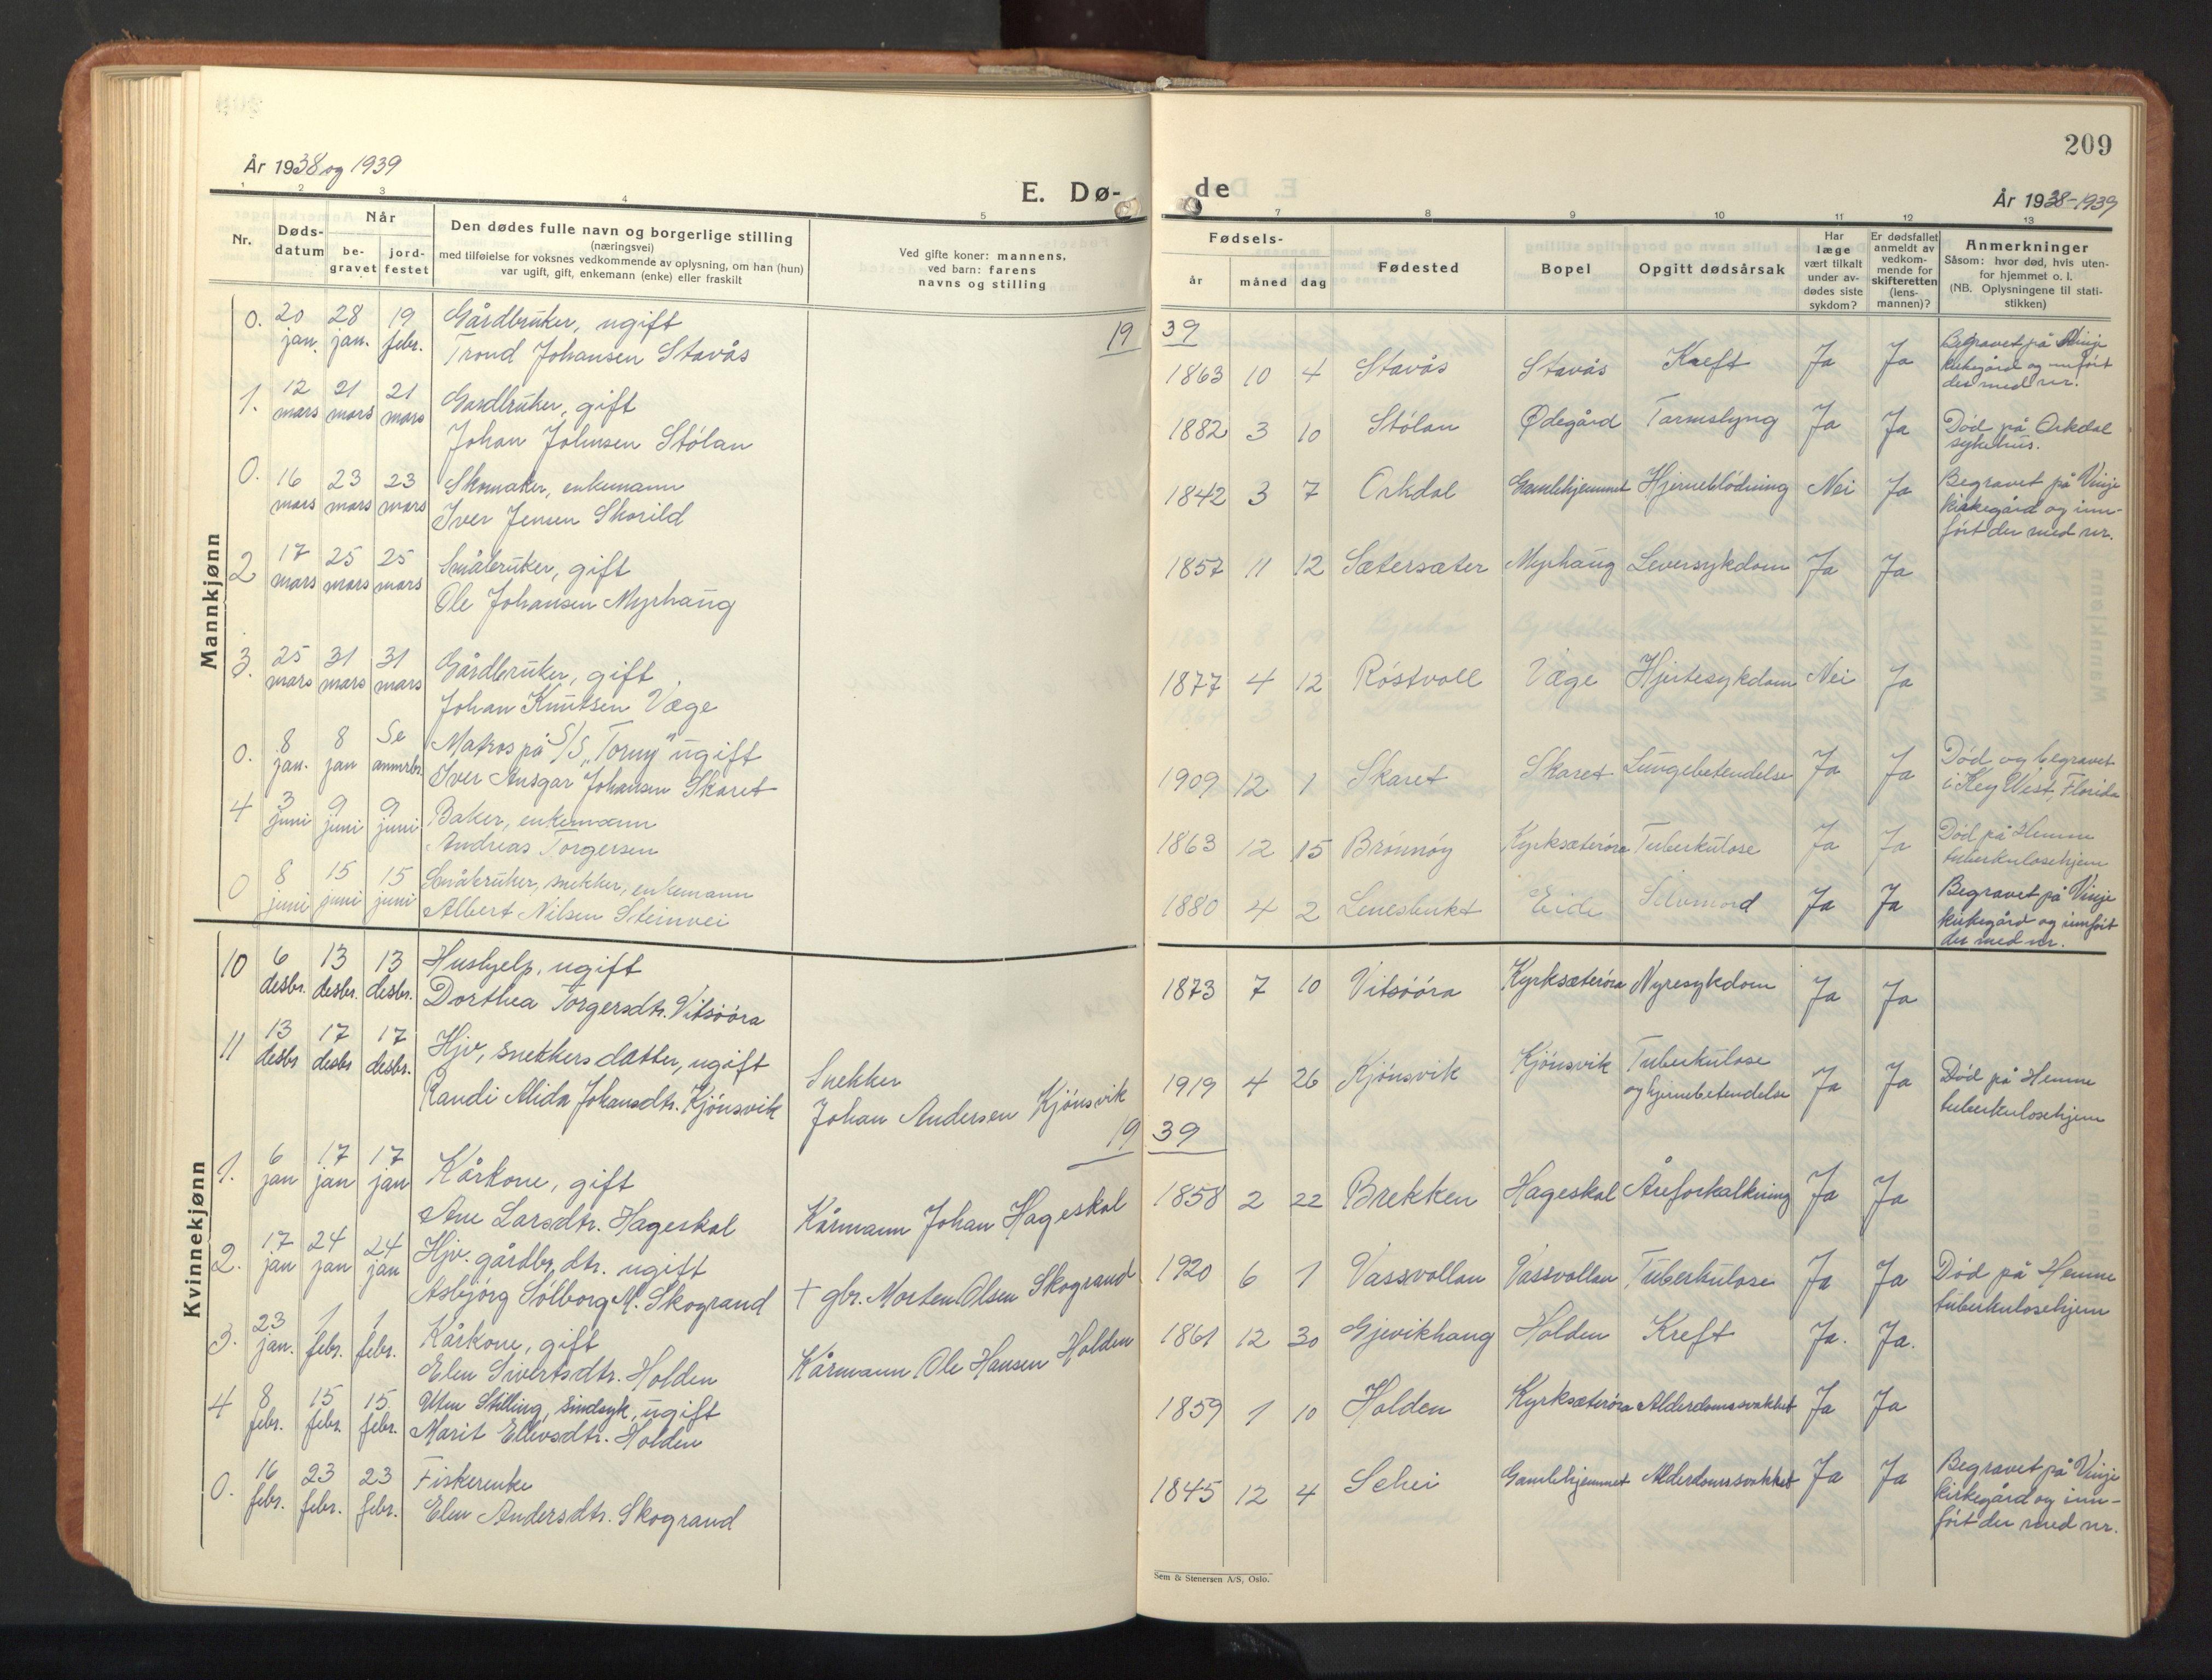 SAT, Ministerialprotokoller, klokkerbøker og fødselsregistre - Sør-Trøndelag, 630/L0508: Klokkerbok nr. 630C06, 1933-1950, s. 209